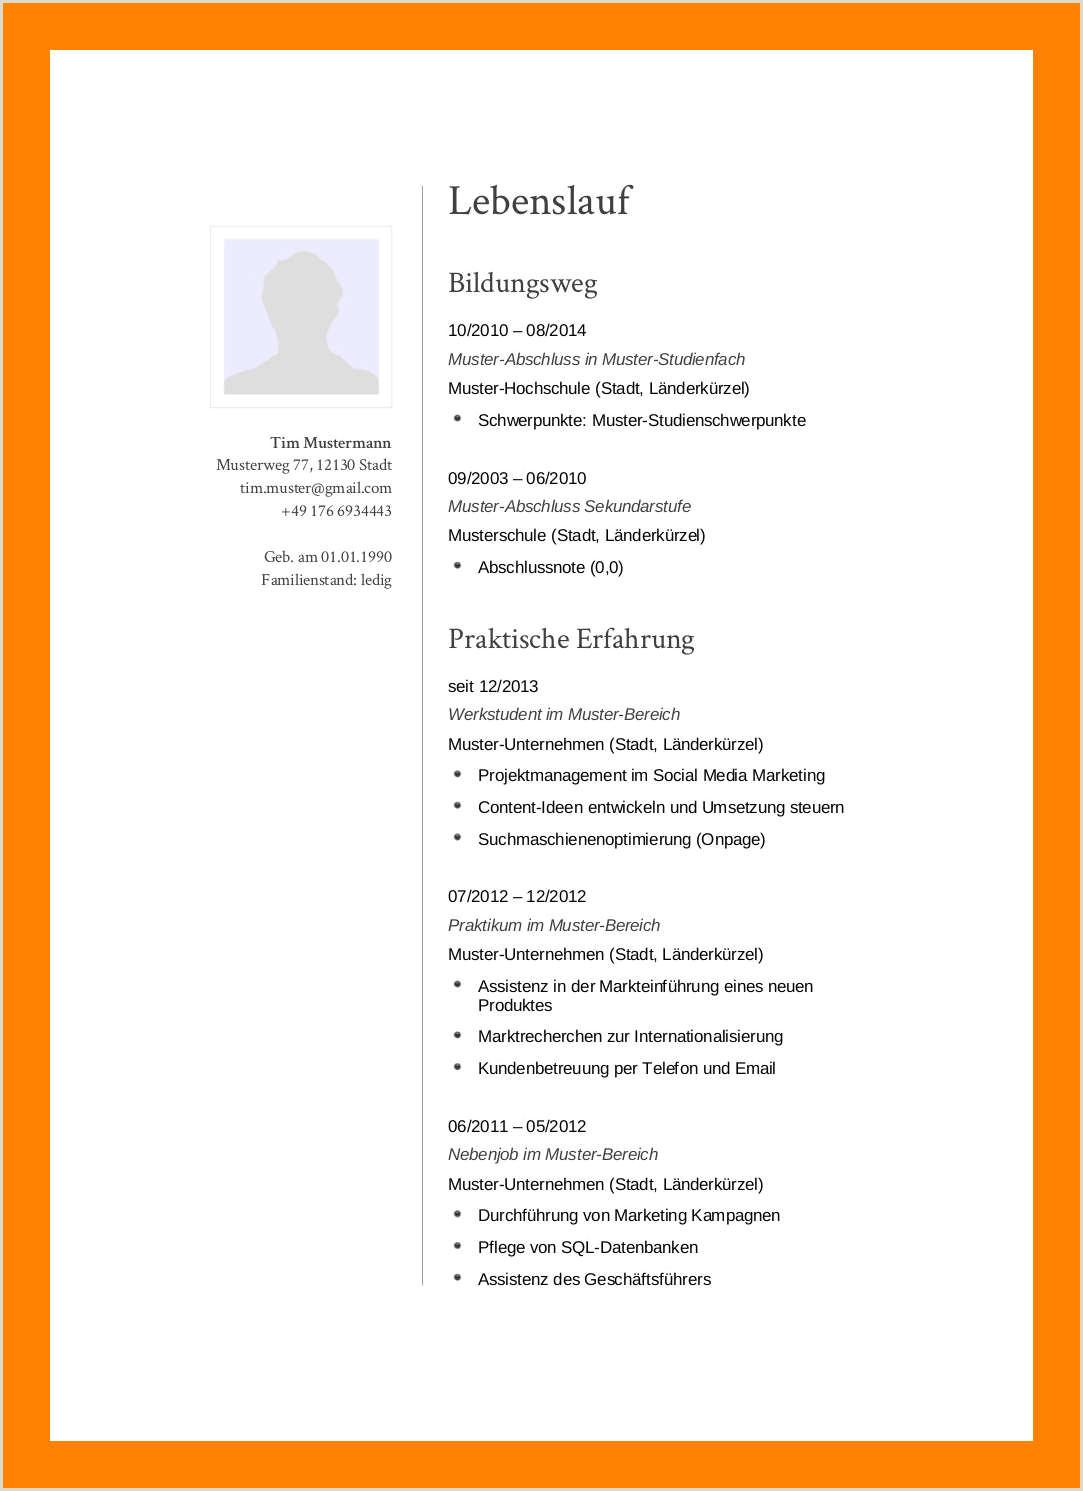 Lebenslauf Muster Qualitätsingenieur Anschreiben Praktikum Student 2019 01